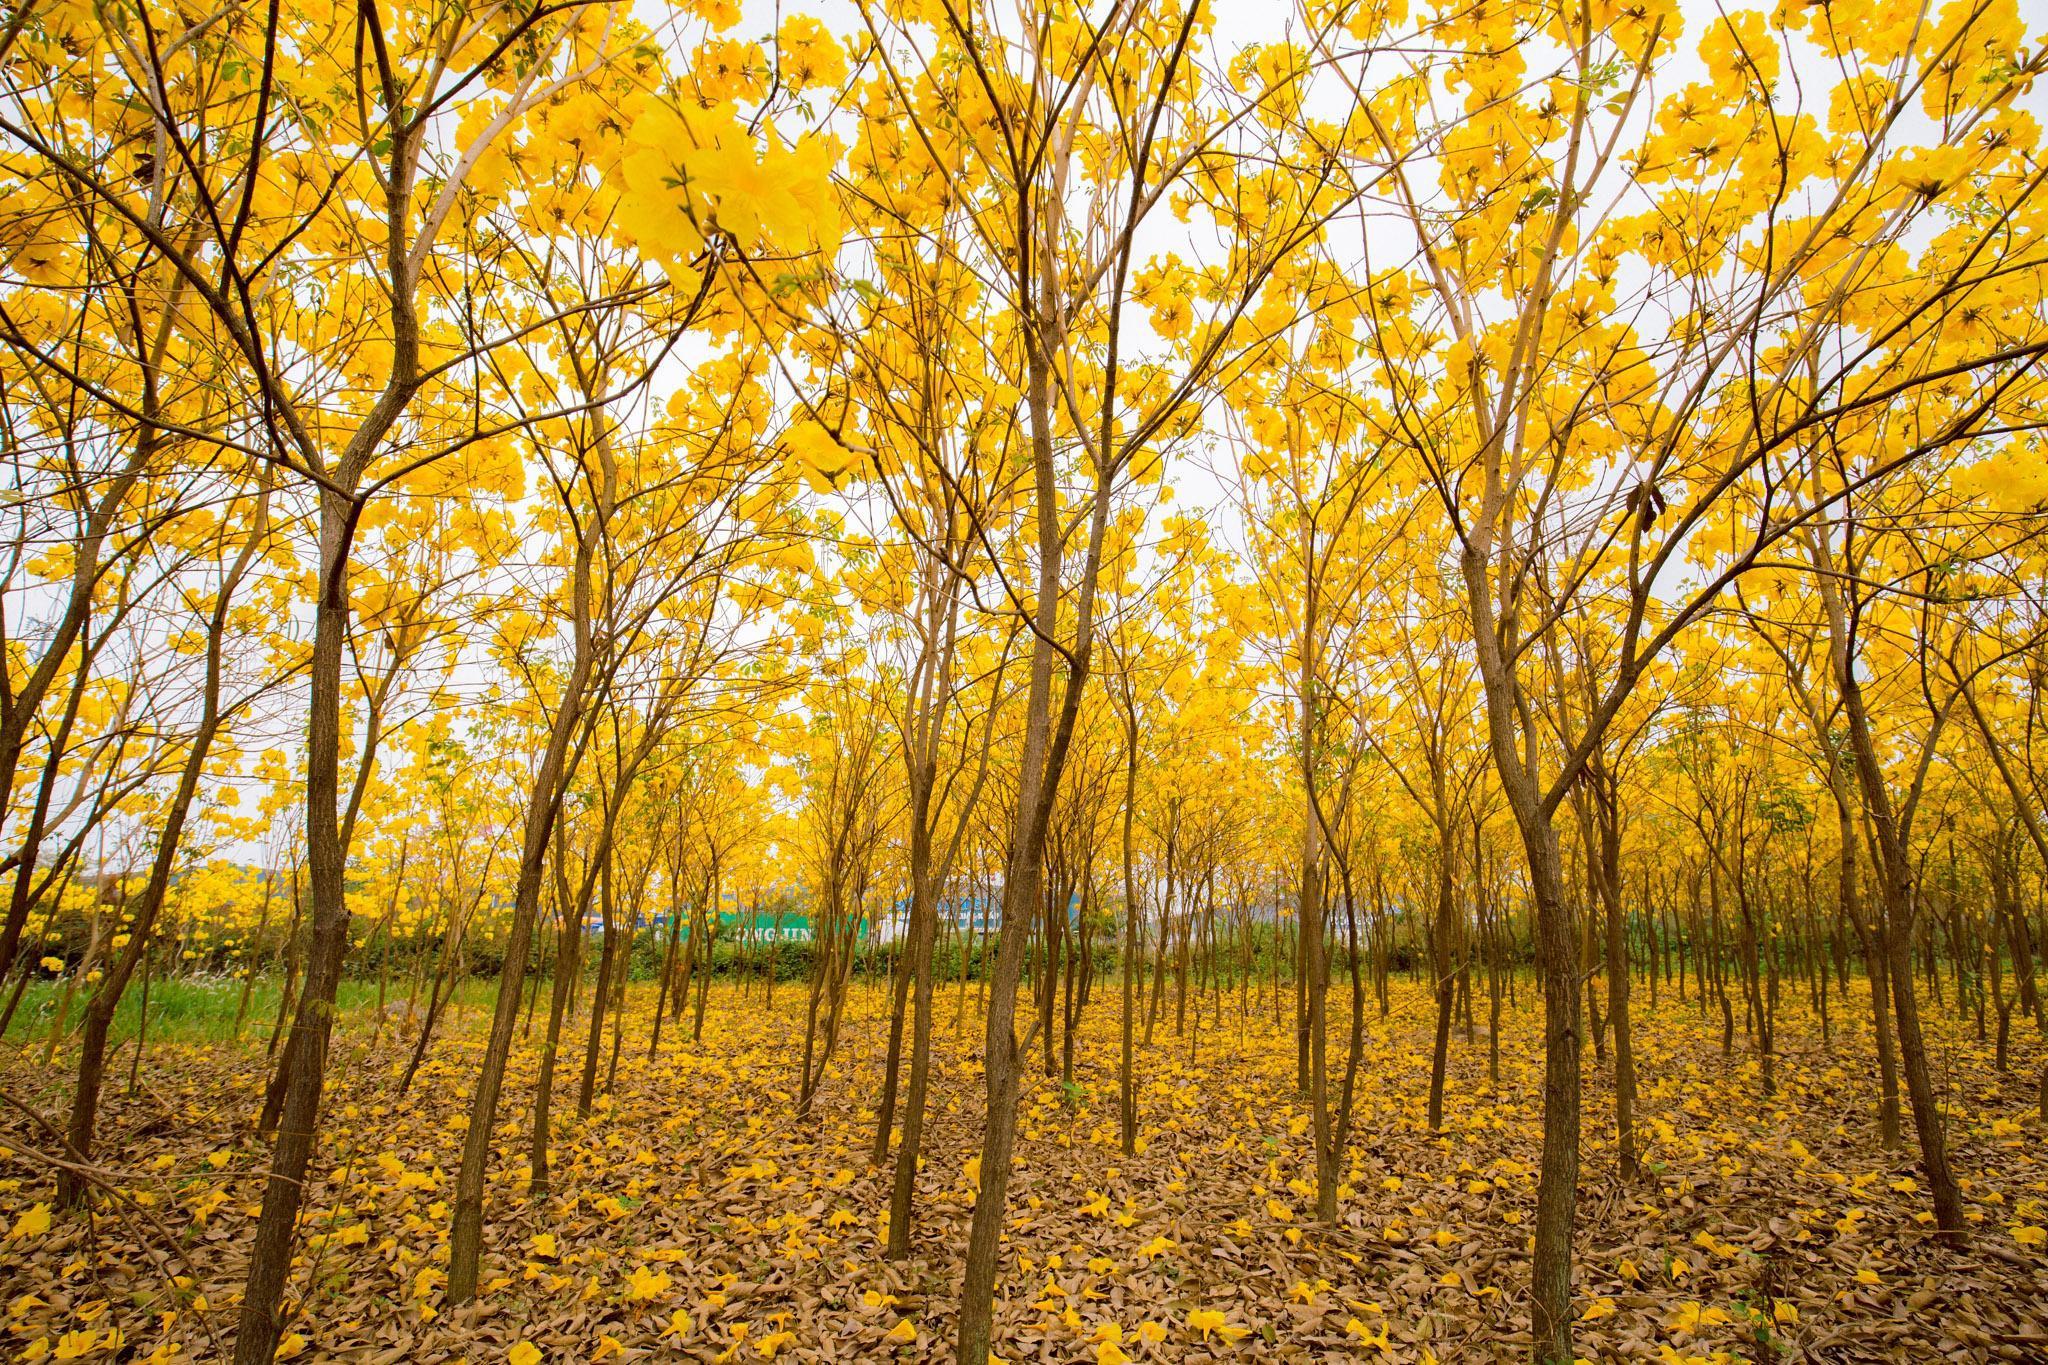 Vườn hoa phong linh nở sắc vàng rực rỡ đẹp tựa trời Âu ở Bắc Giang - Ảnh 6.